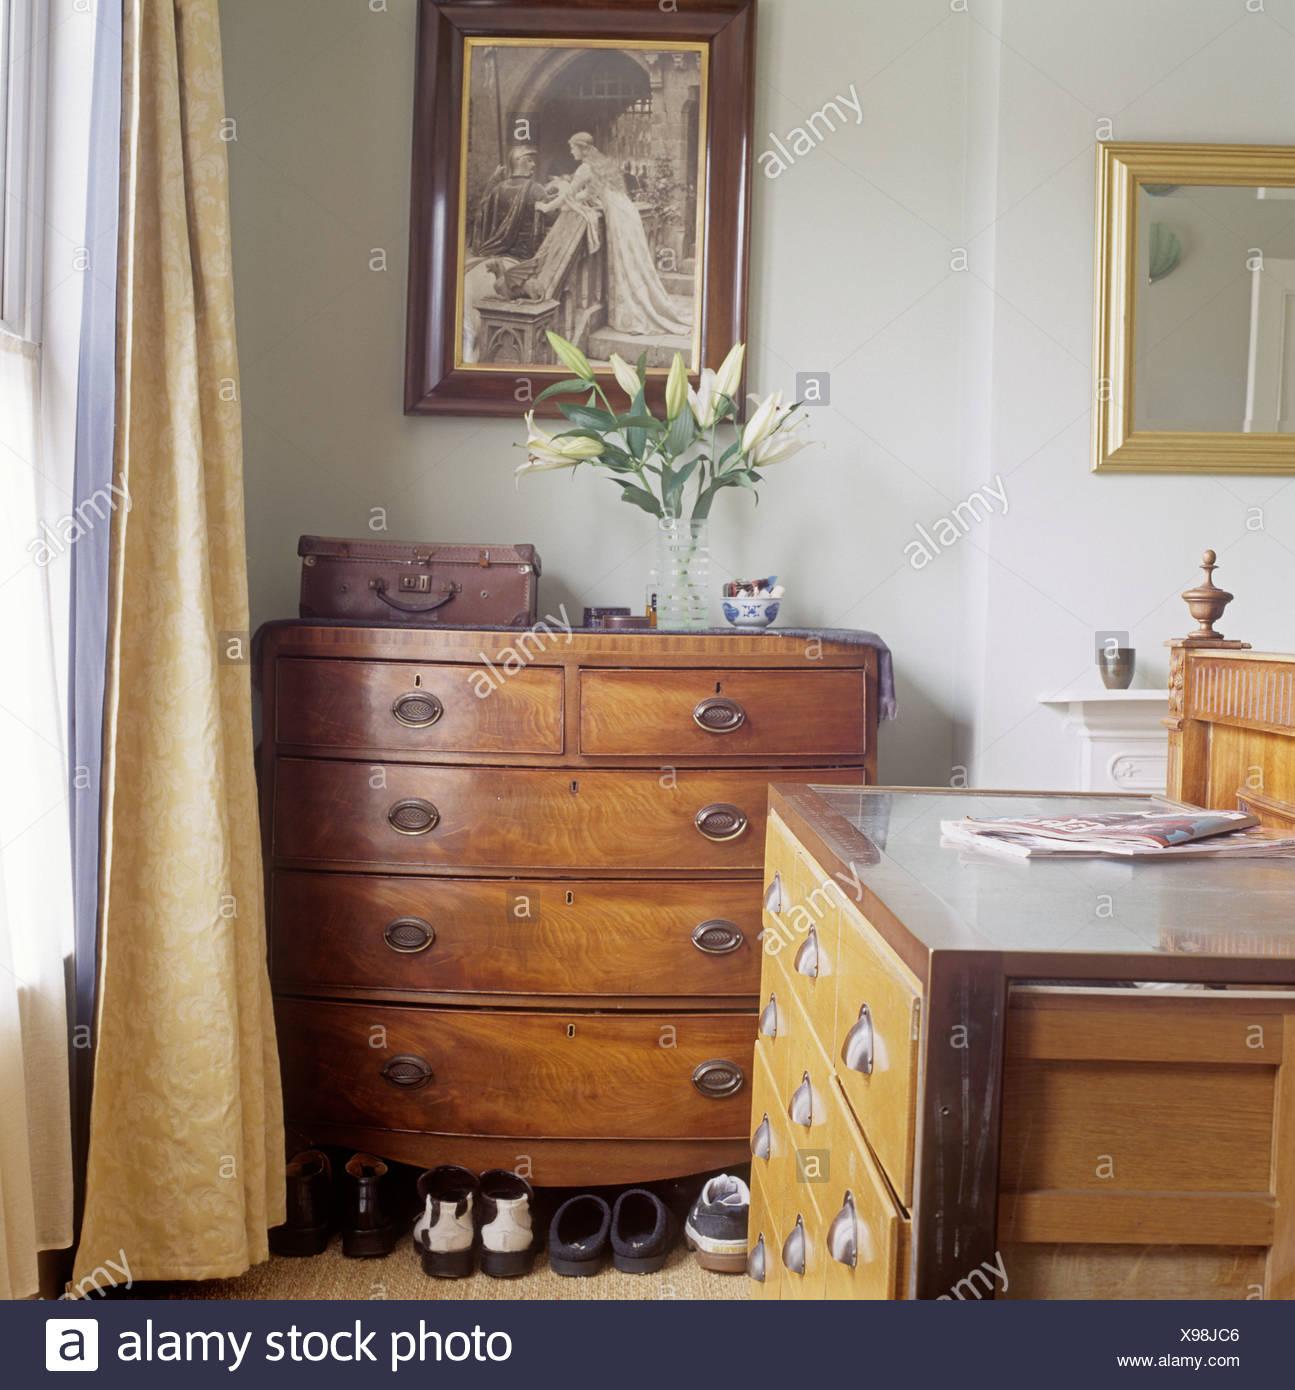 Bild an Wand über antike Kommode im Land Schlafzimmer mit ...